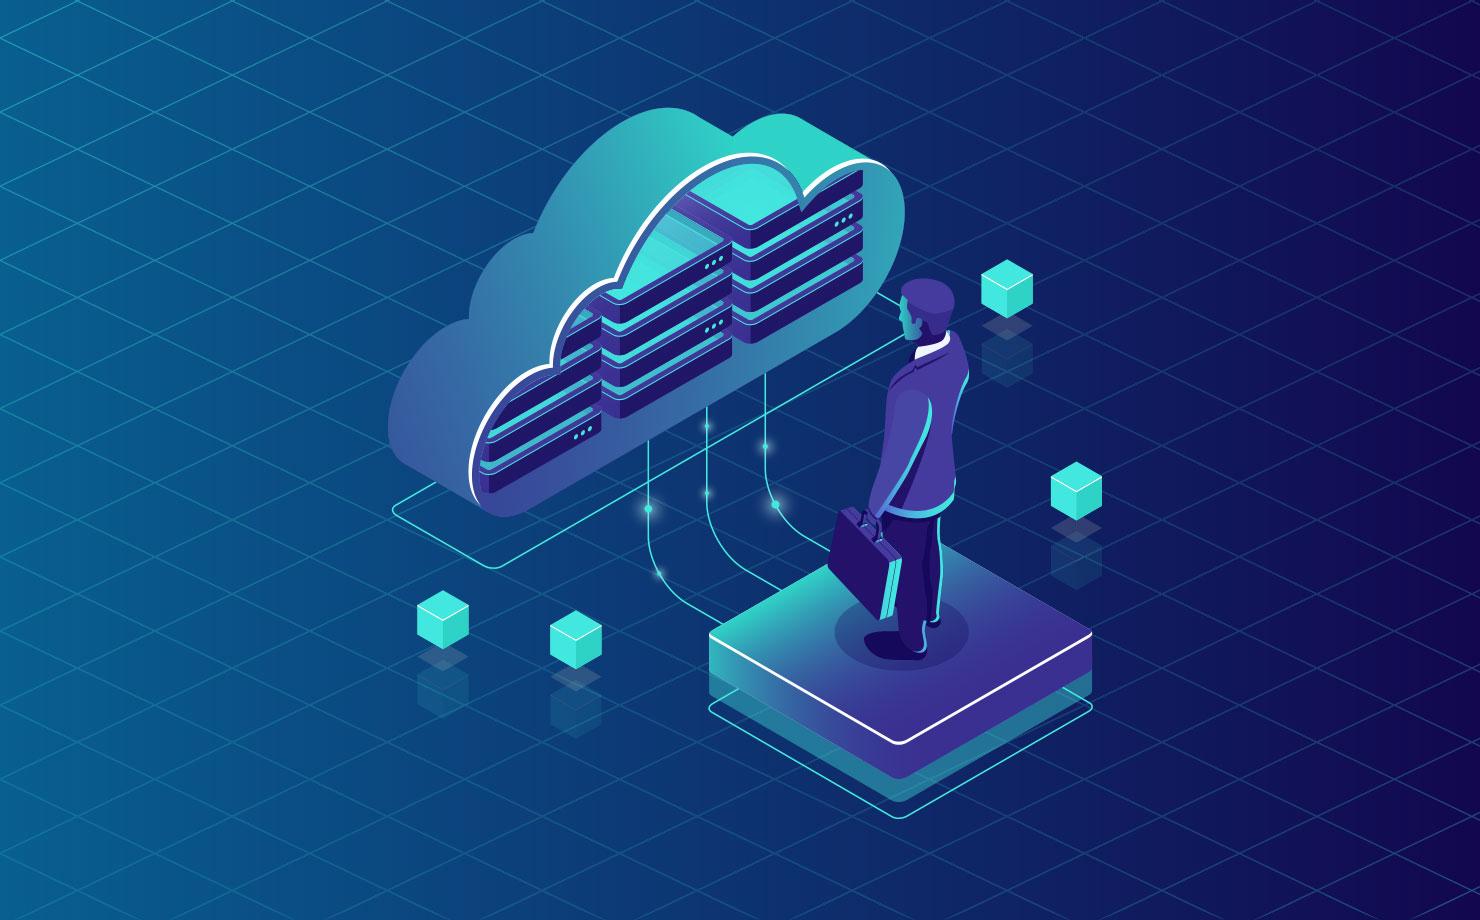 Industries blockchain transforms